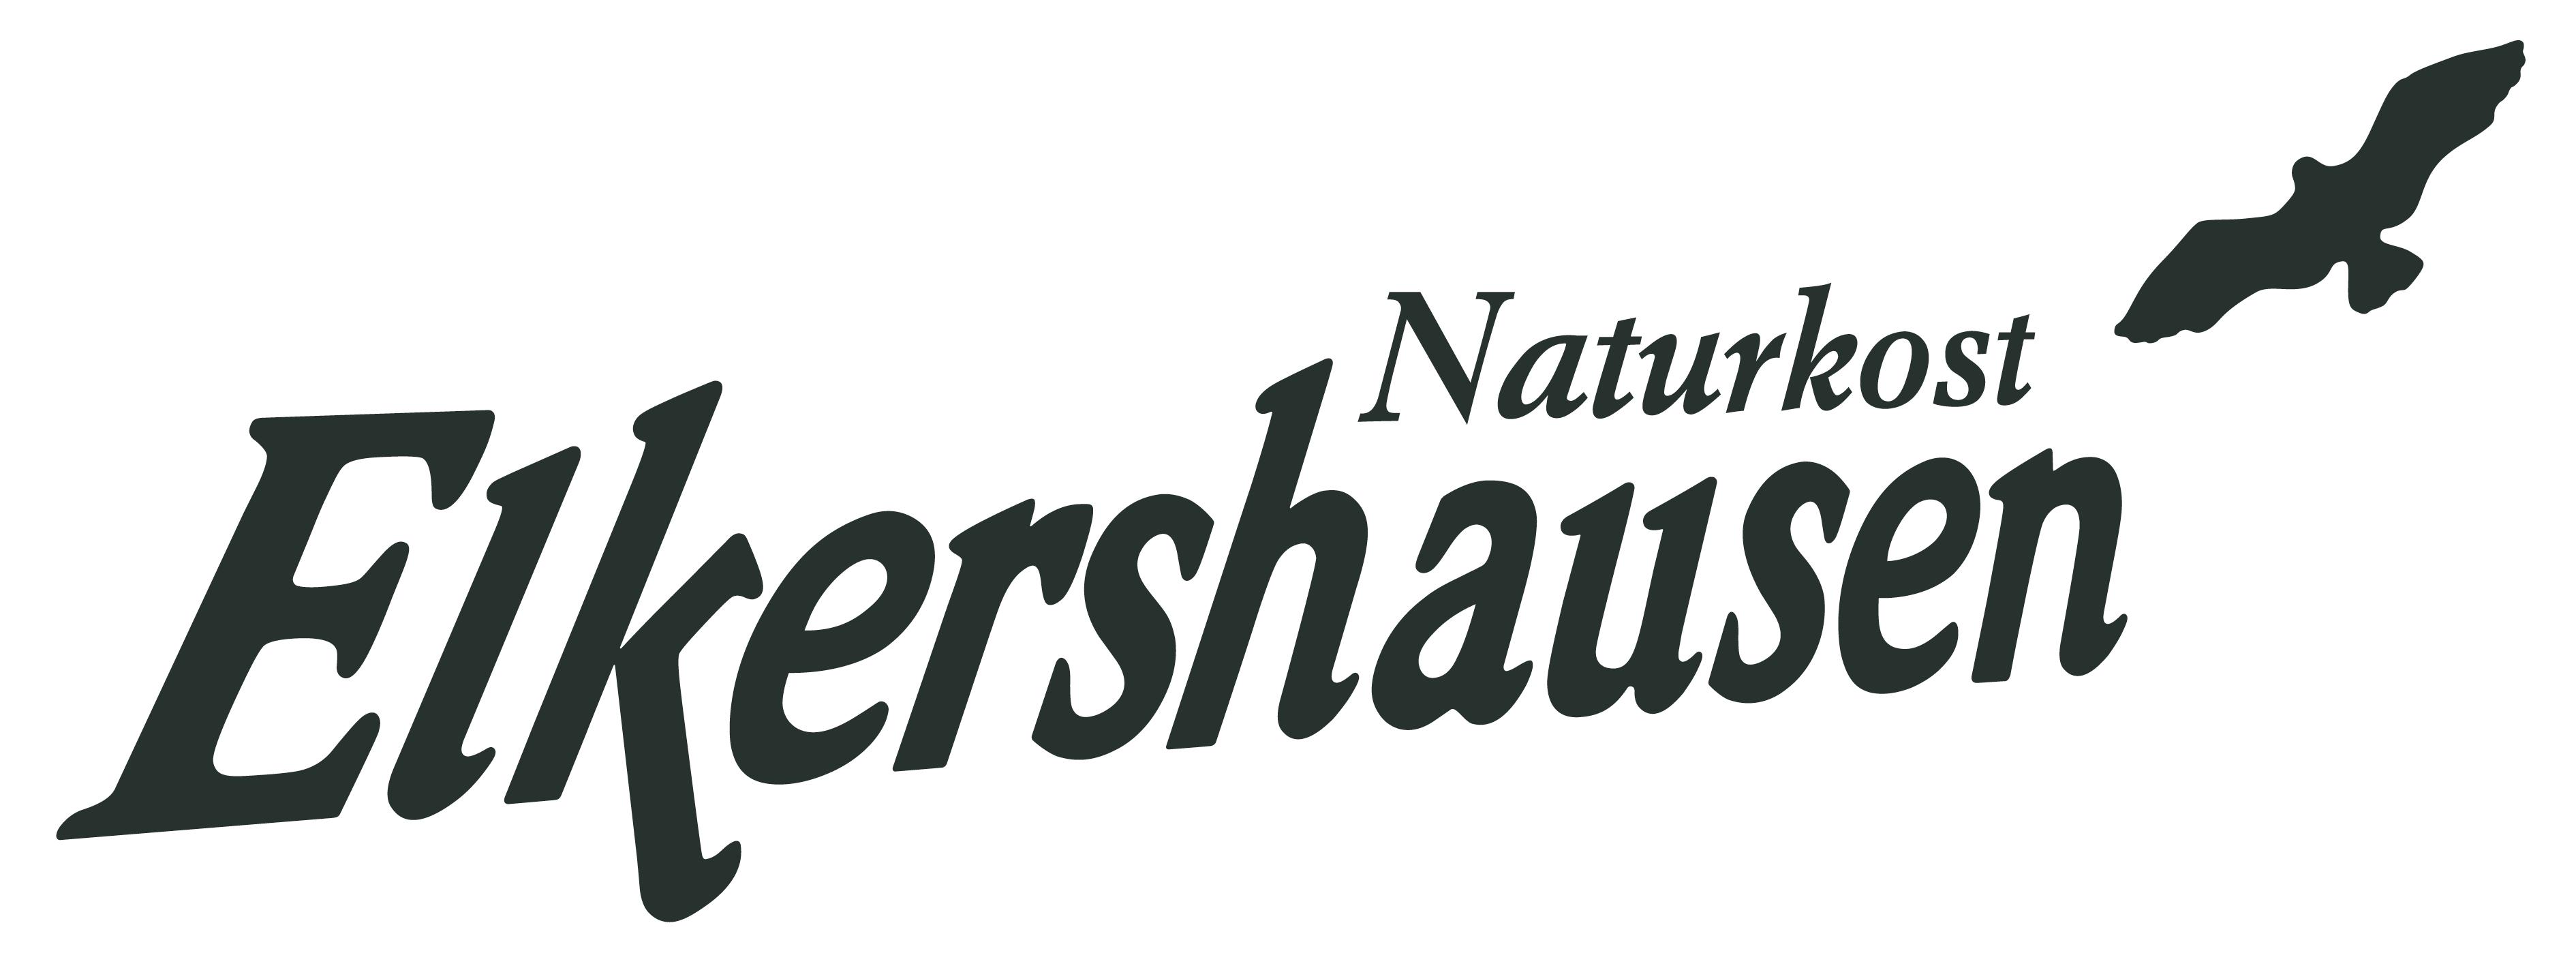 Naturkost Elkershausen